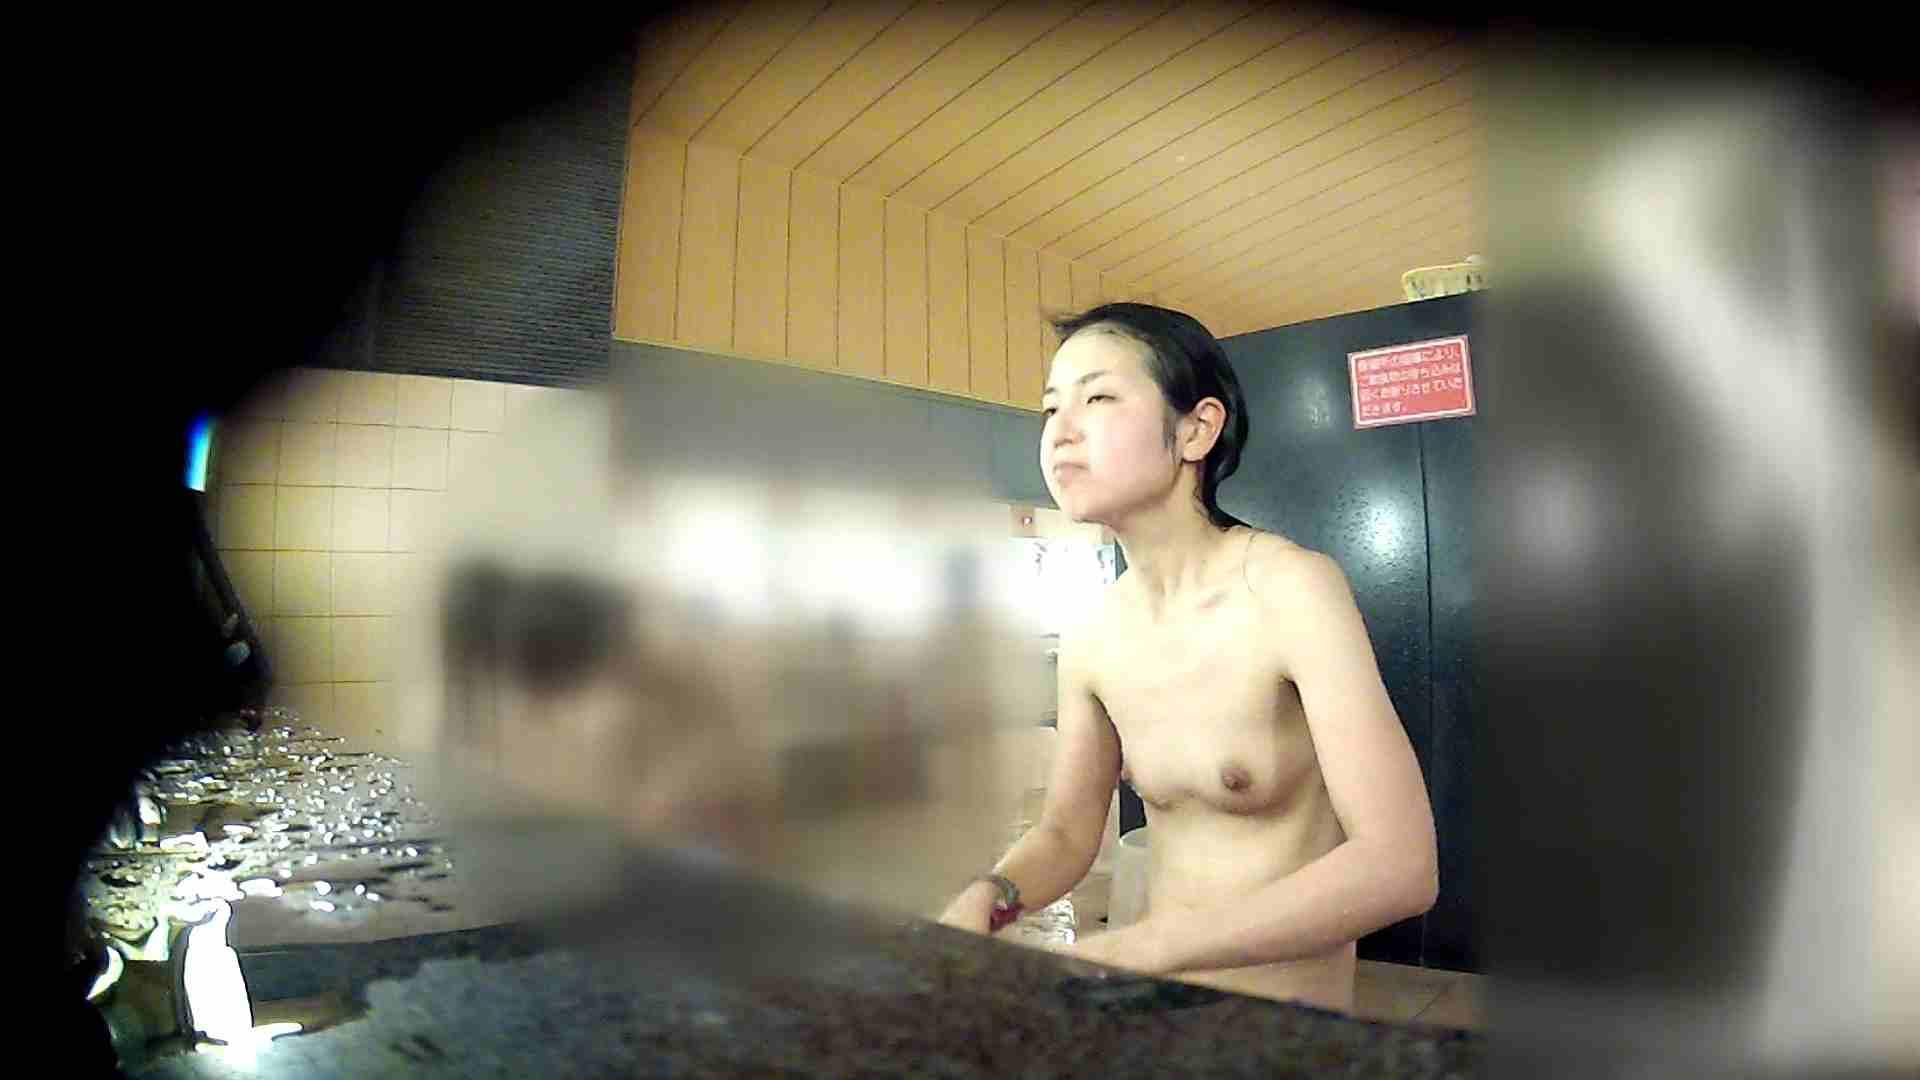 潜入女盗撮師のスーパー銭湯 Vol.01 盗撮映像  54Pix 35